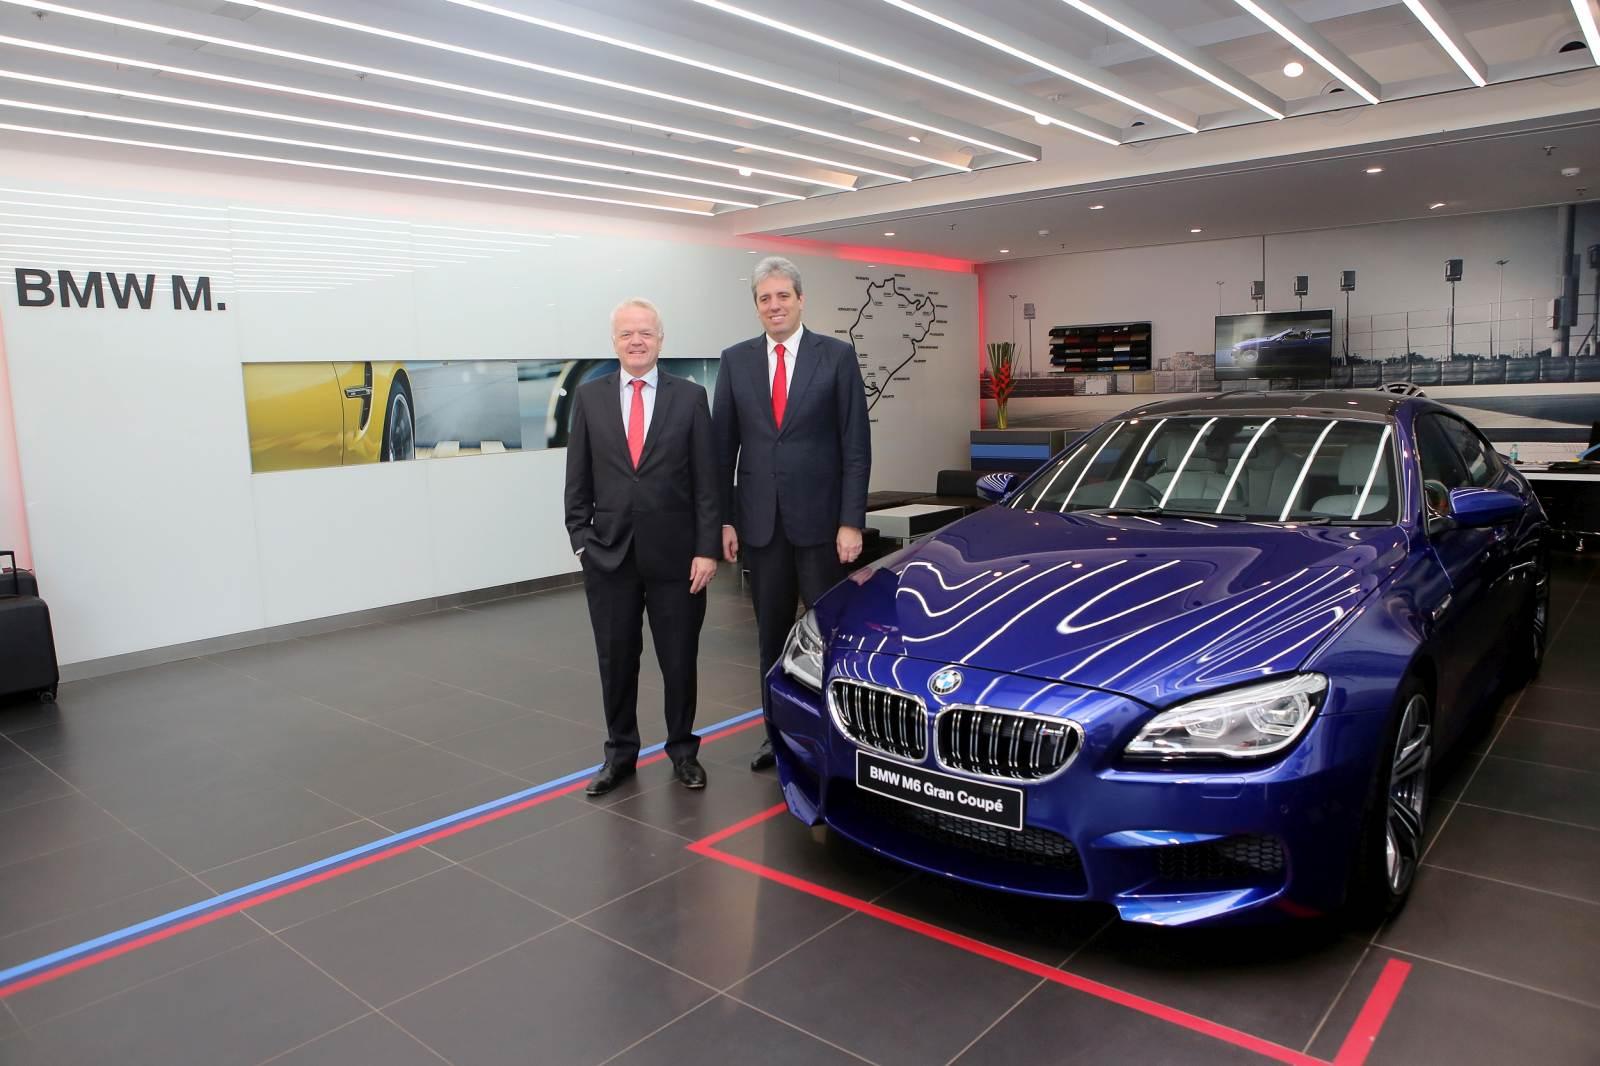 02 (L-R) Mr. von Sahr and Dr. Schlipf at BMW M Studio